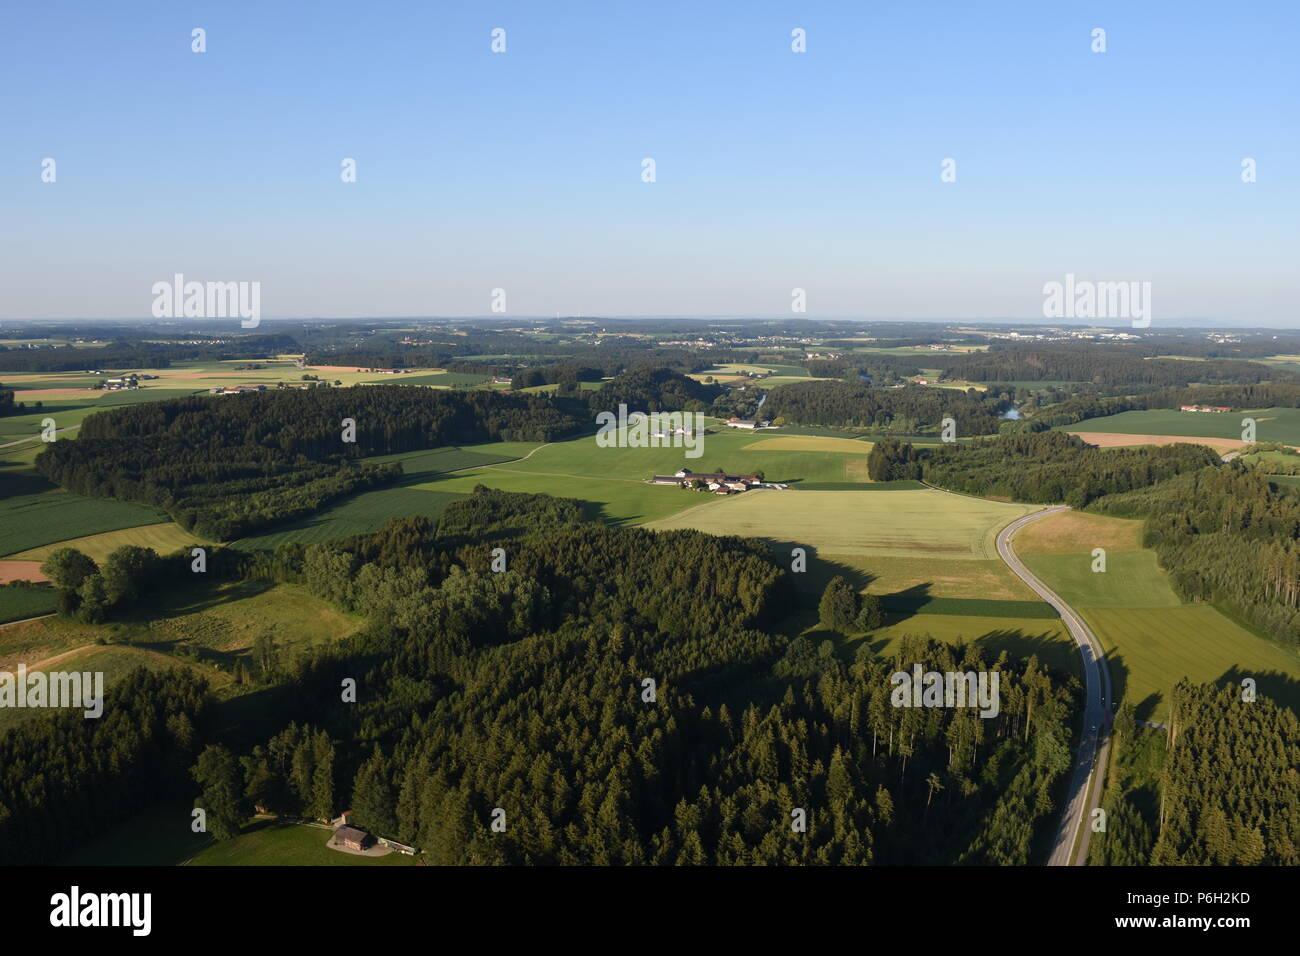 Fahrt mit dem Heißluftballon über den Chiemsee, Bayern, Deutschland - Stock Image